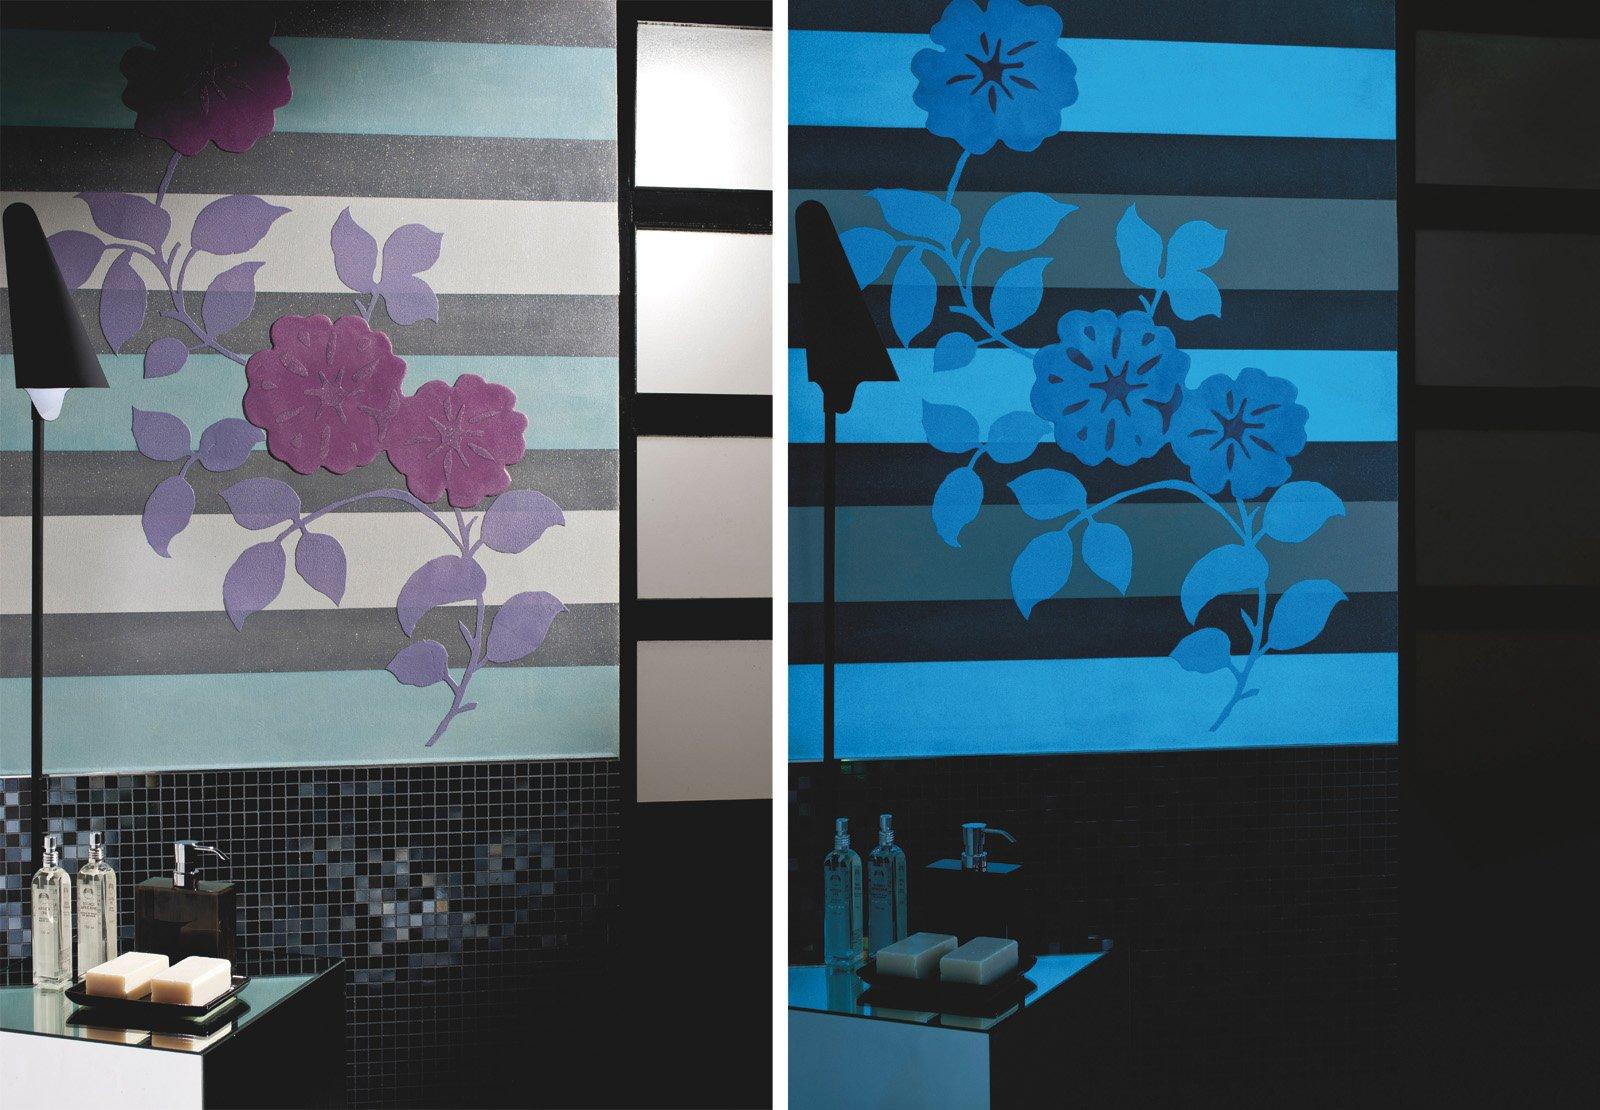 Idee Punti Luce Soggiorno : Illuminazione Casa Consigli: Come disporre ...